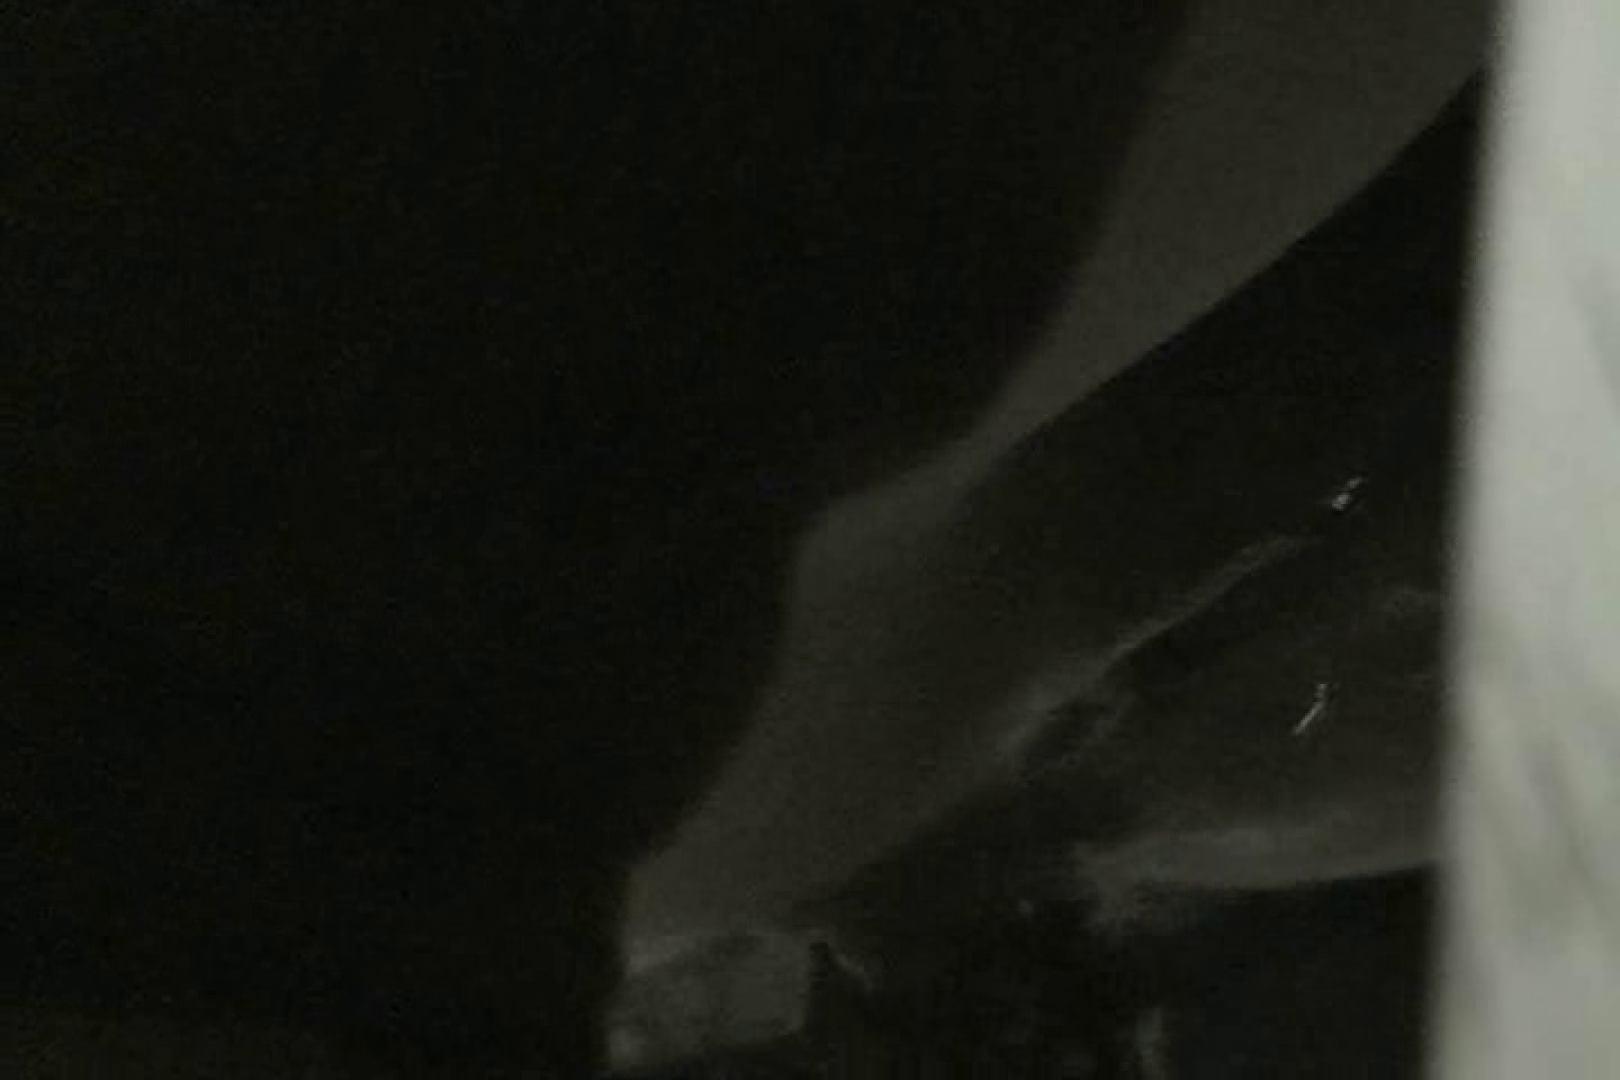 マンコ丸見え女子洗面所Vol.10 エロティックなOL | マンコ  99画像 1